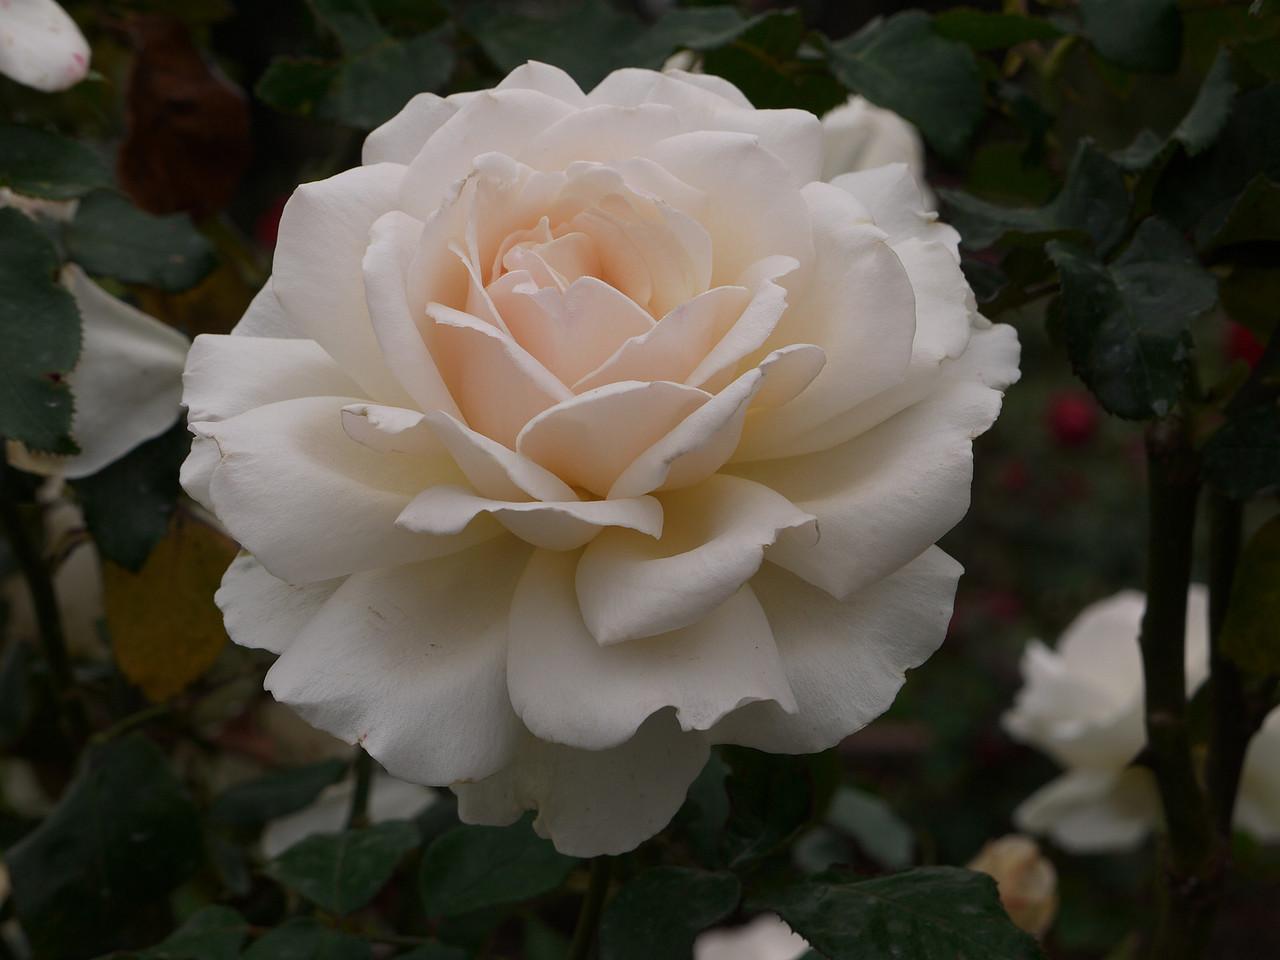 20120419_1057_0053 rose